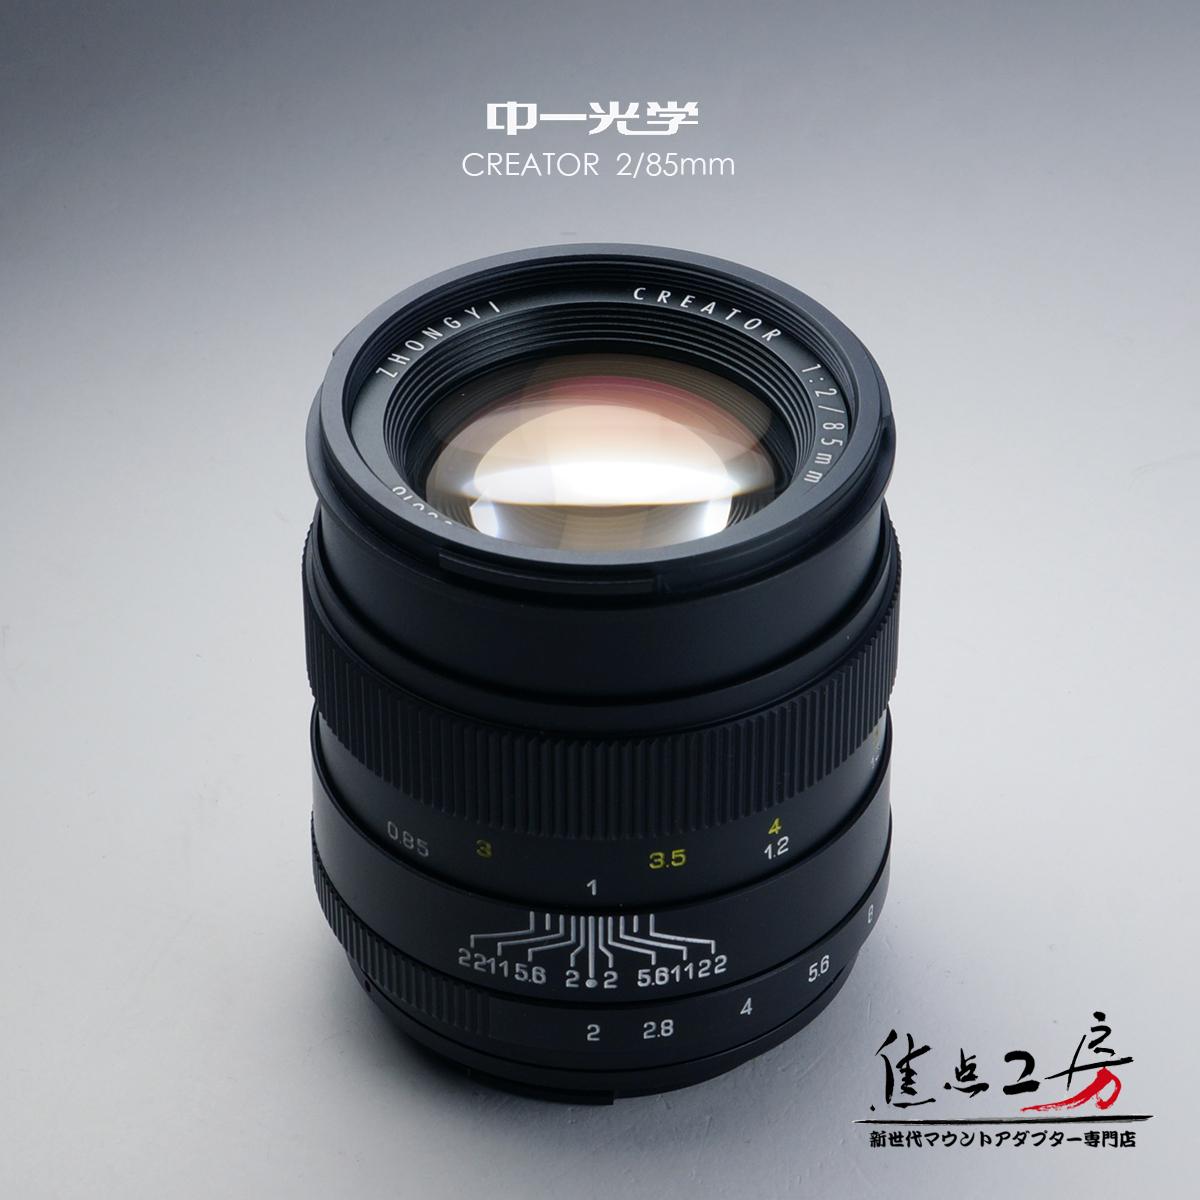 中一光学│ZHONG YI OPTICS CREATOR 85mm F2.0 - 単焦点レンズ